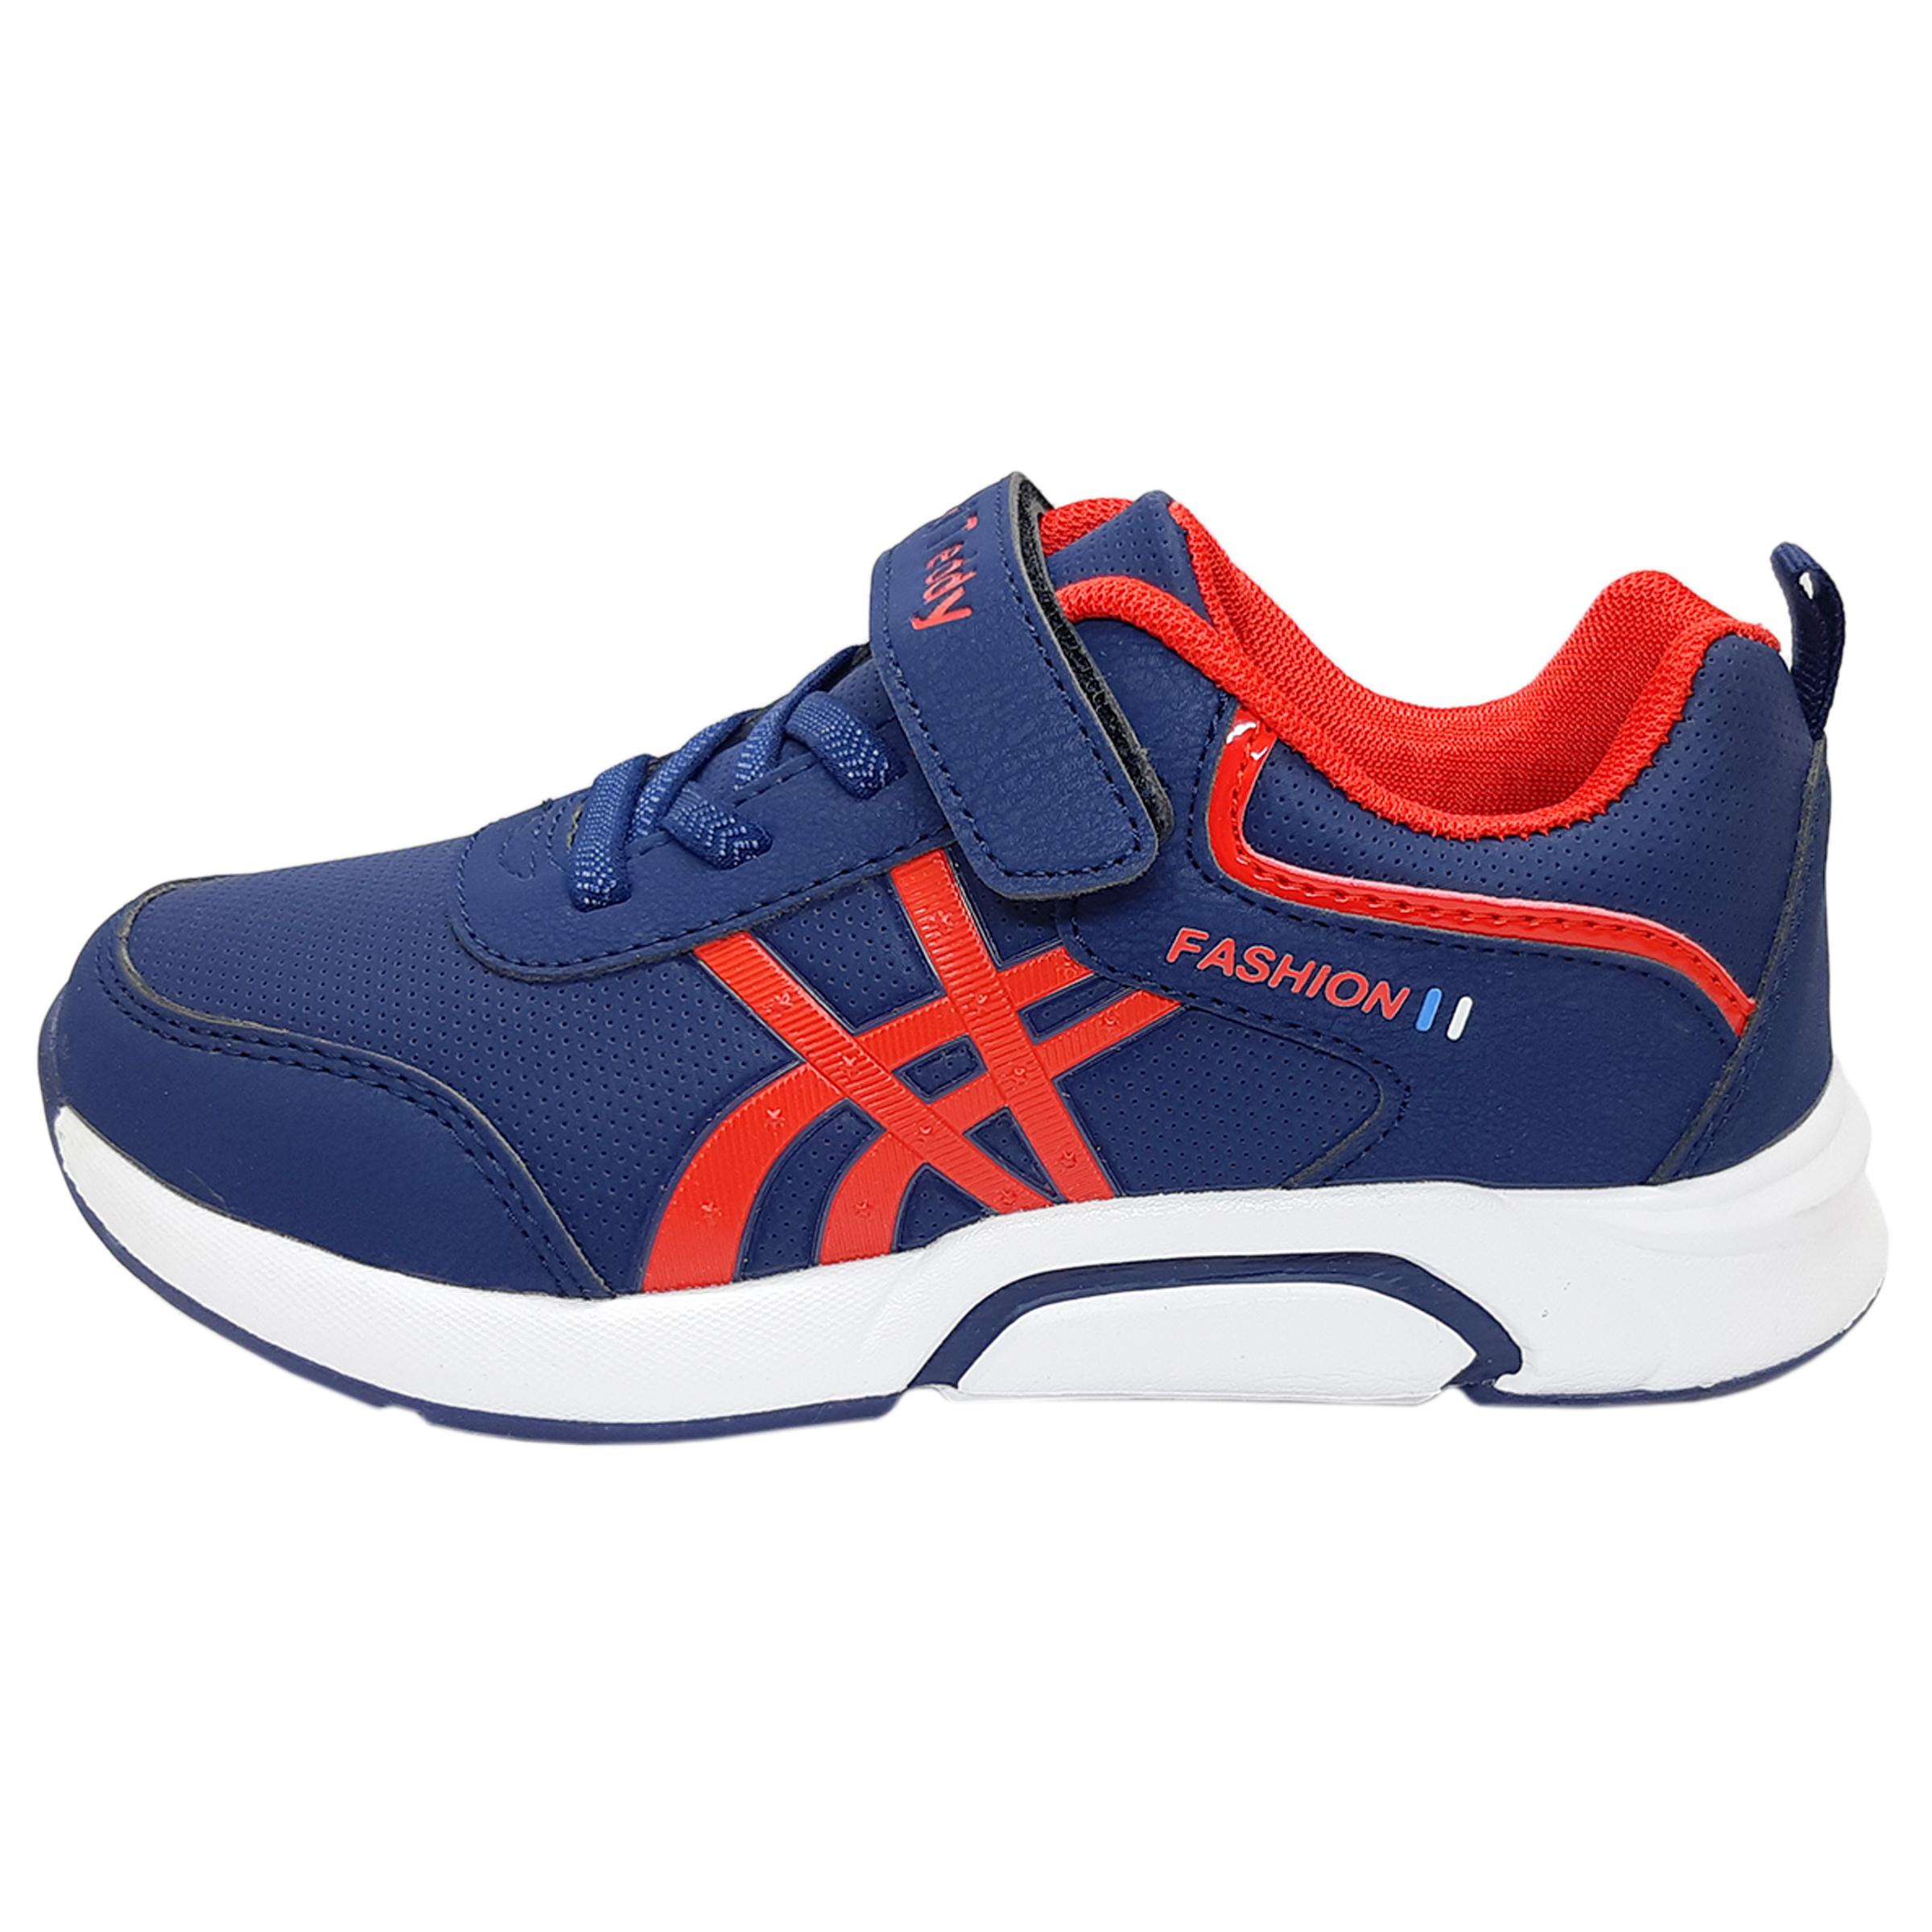 کفش مخصوص پیاده روی بچگانه توکی تدی کد 2215